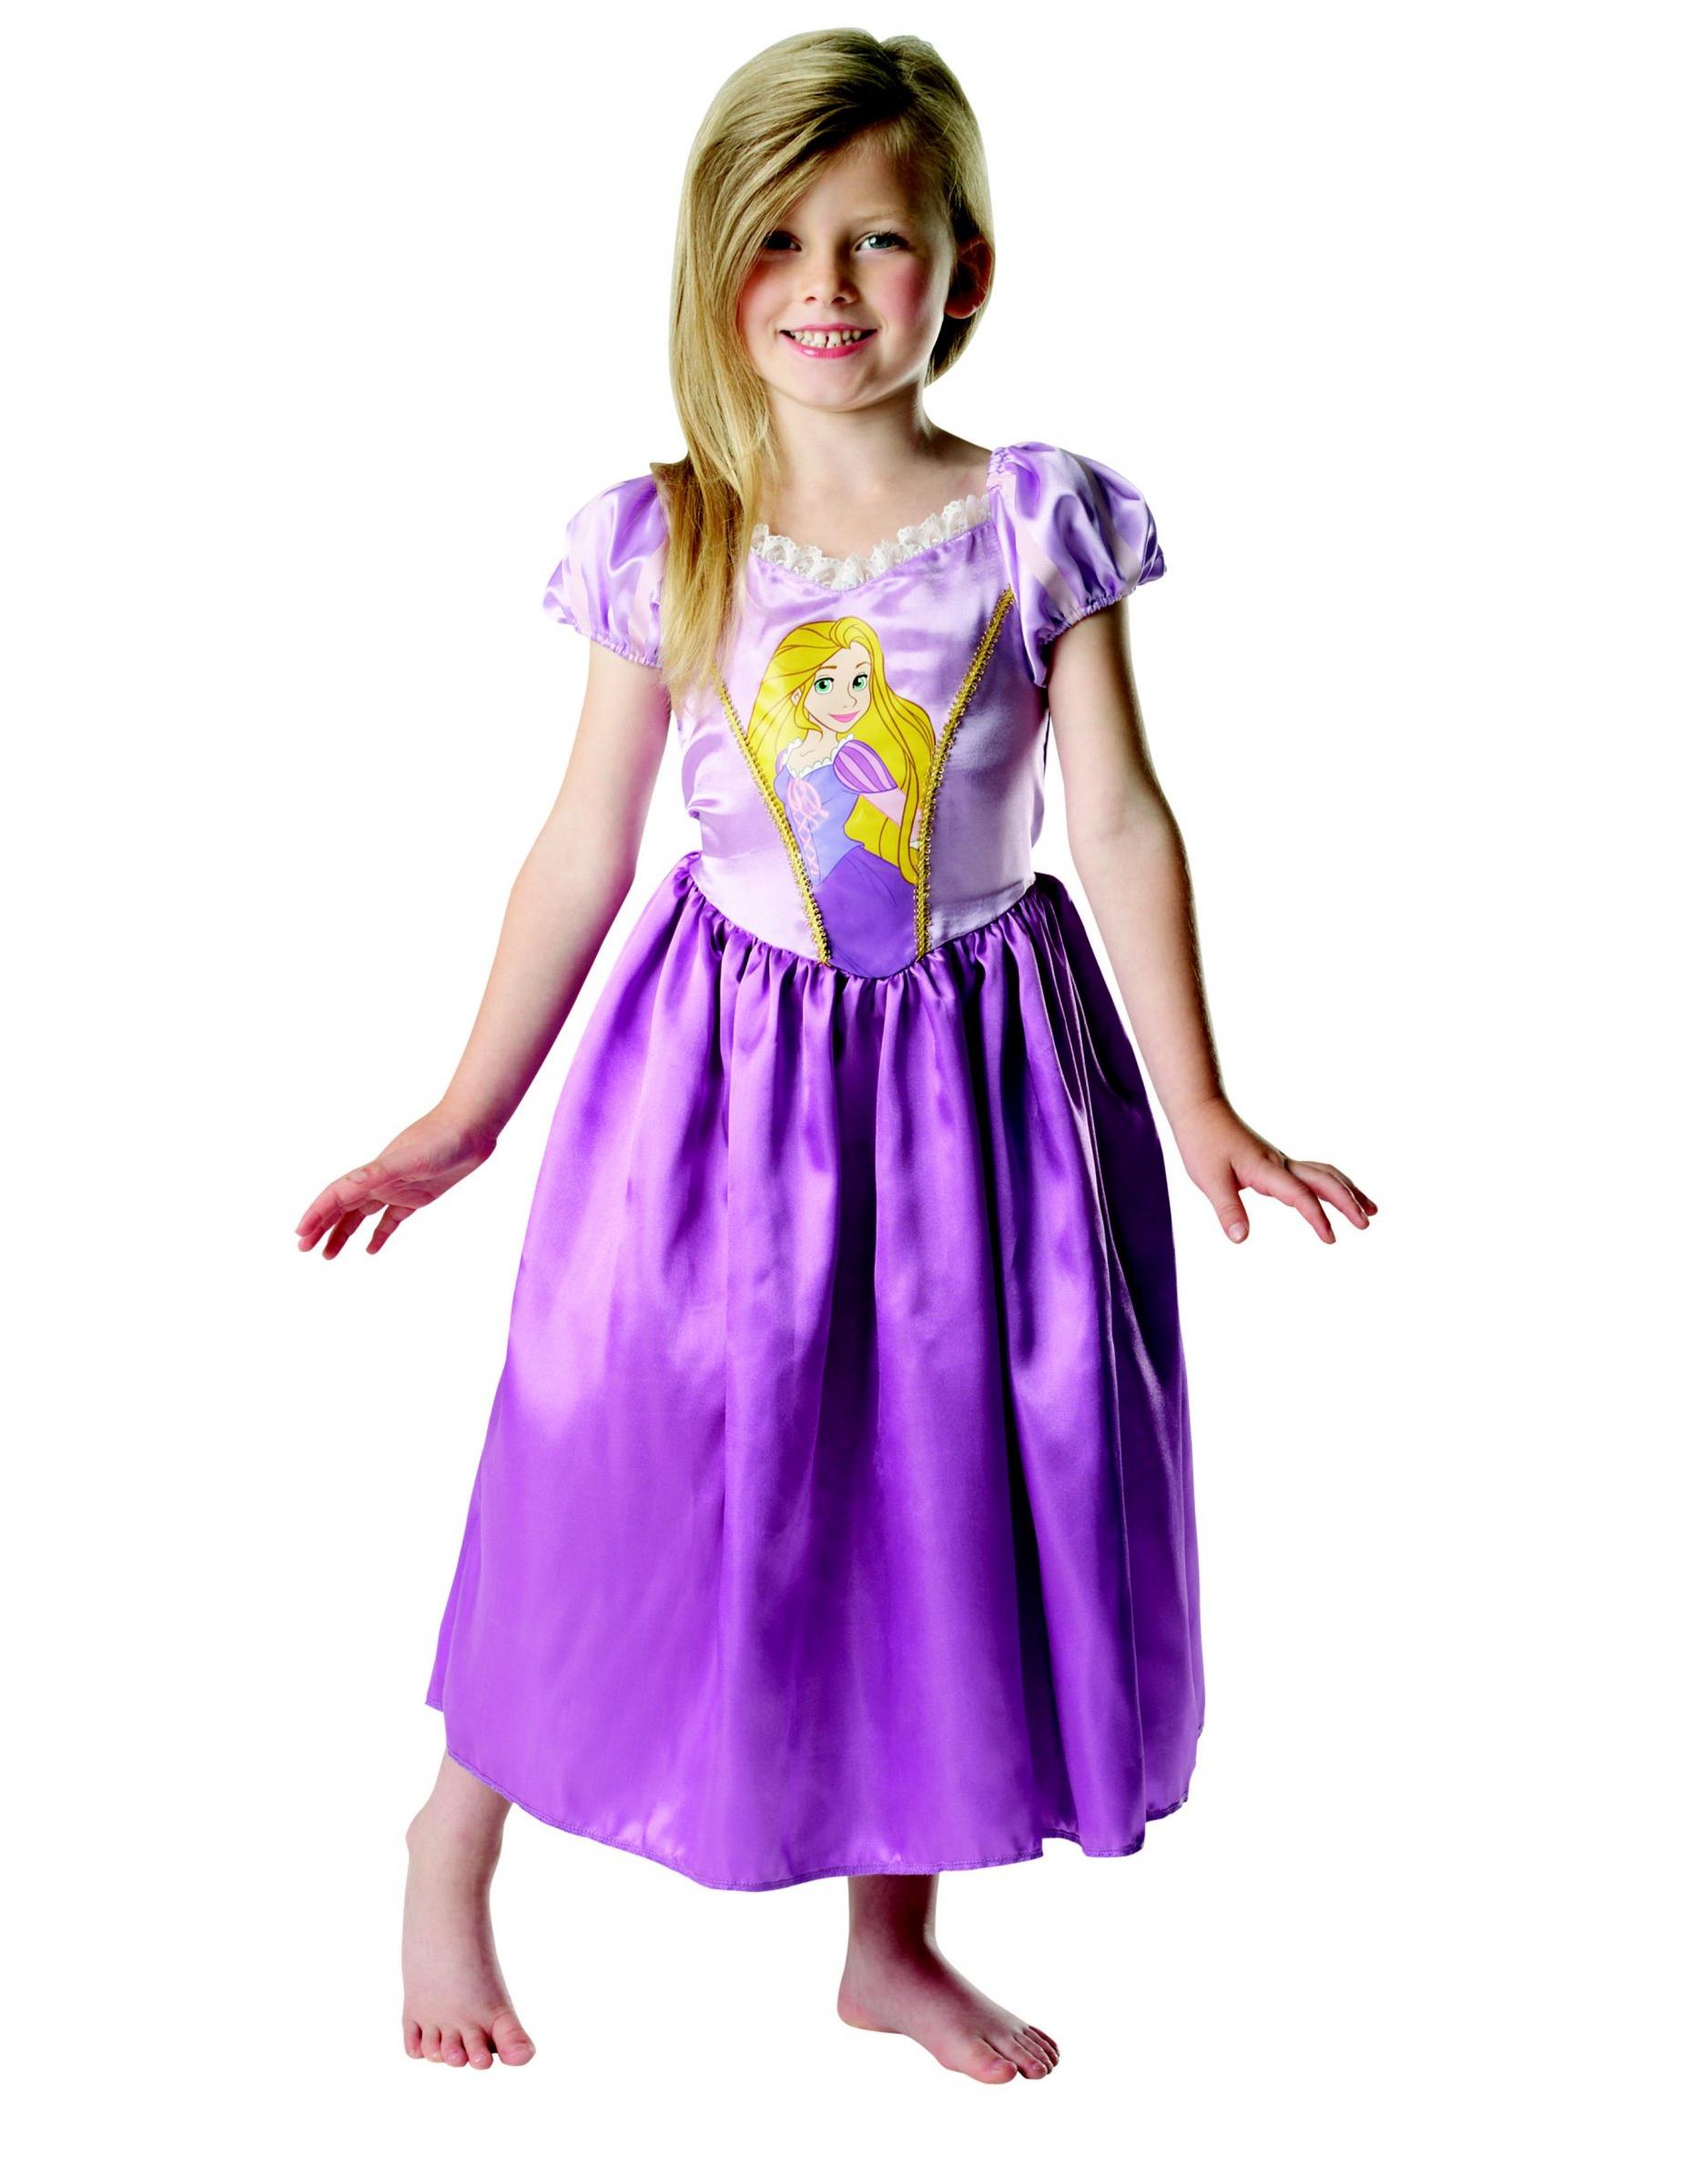 D guisement princesse raiponce - Deguisement disney enfant ...